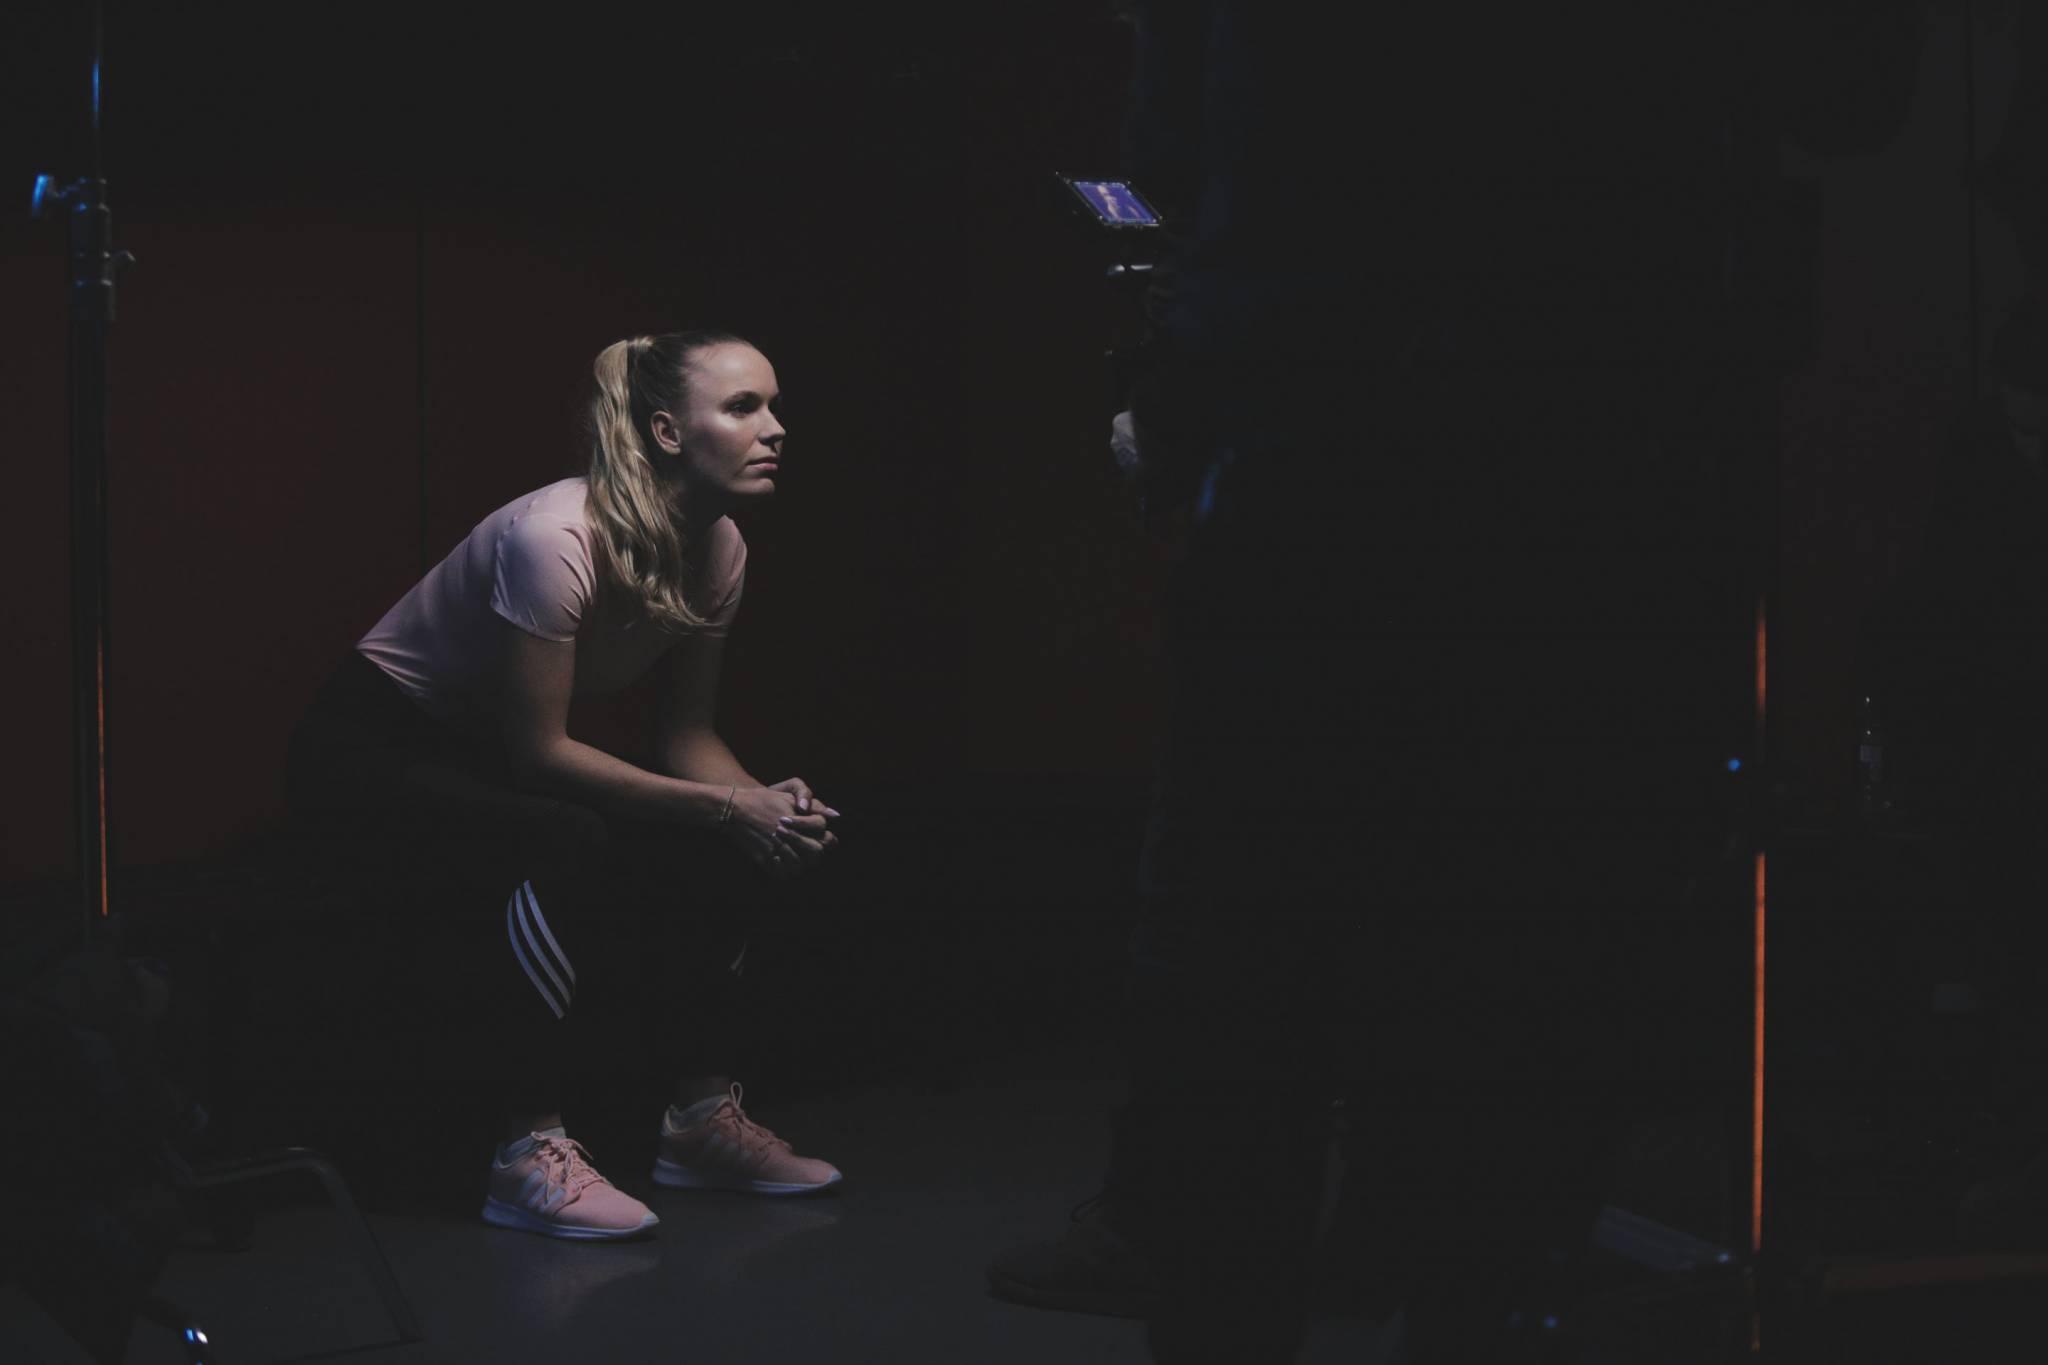 Caroline Wozniacki gwiazda tenisa, rzeczniczka kobiet cierpiących na przewlekłe choroby zapalne